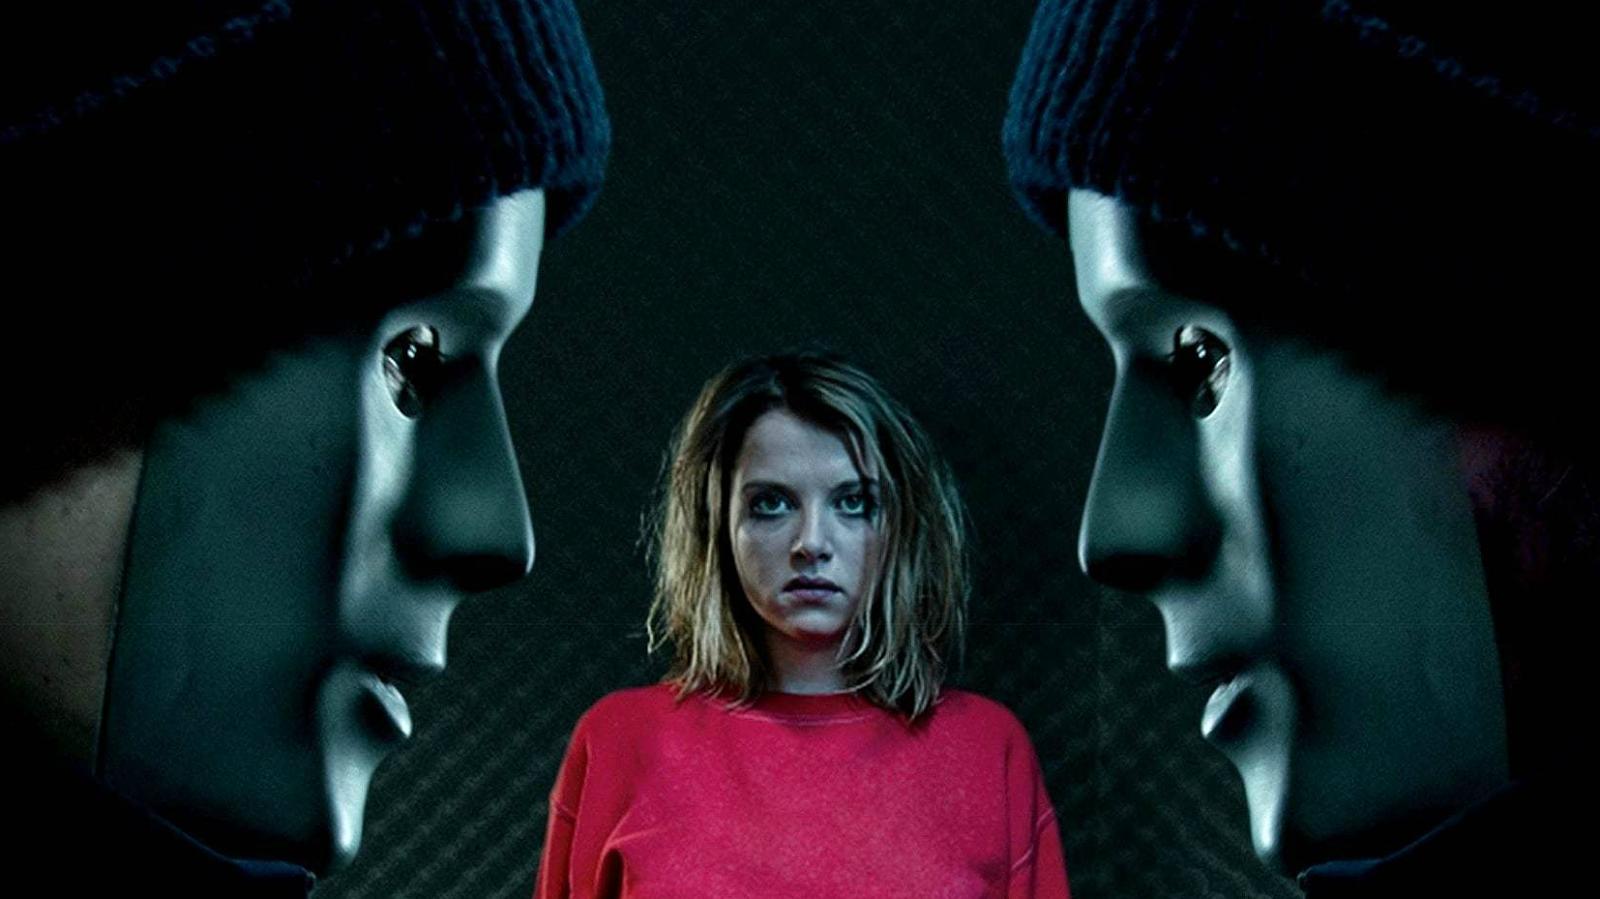 Kidnapping Stella Tom Max von der Groeben Vic Clemens Schick Stella Jella Haase Netflix